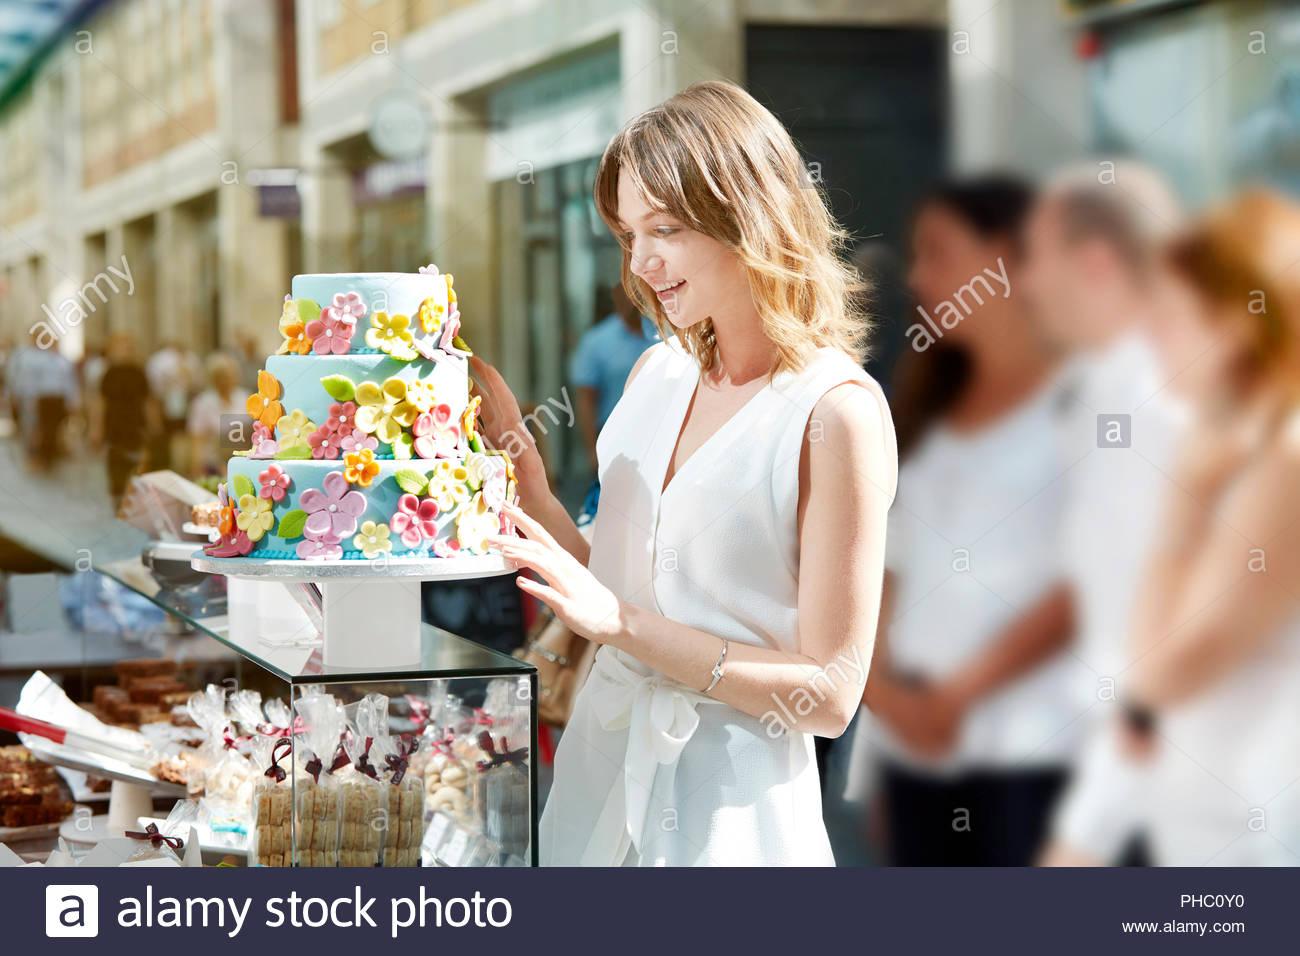 Giovane donna che guarda la torta decorata. Immagini Stock